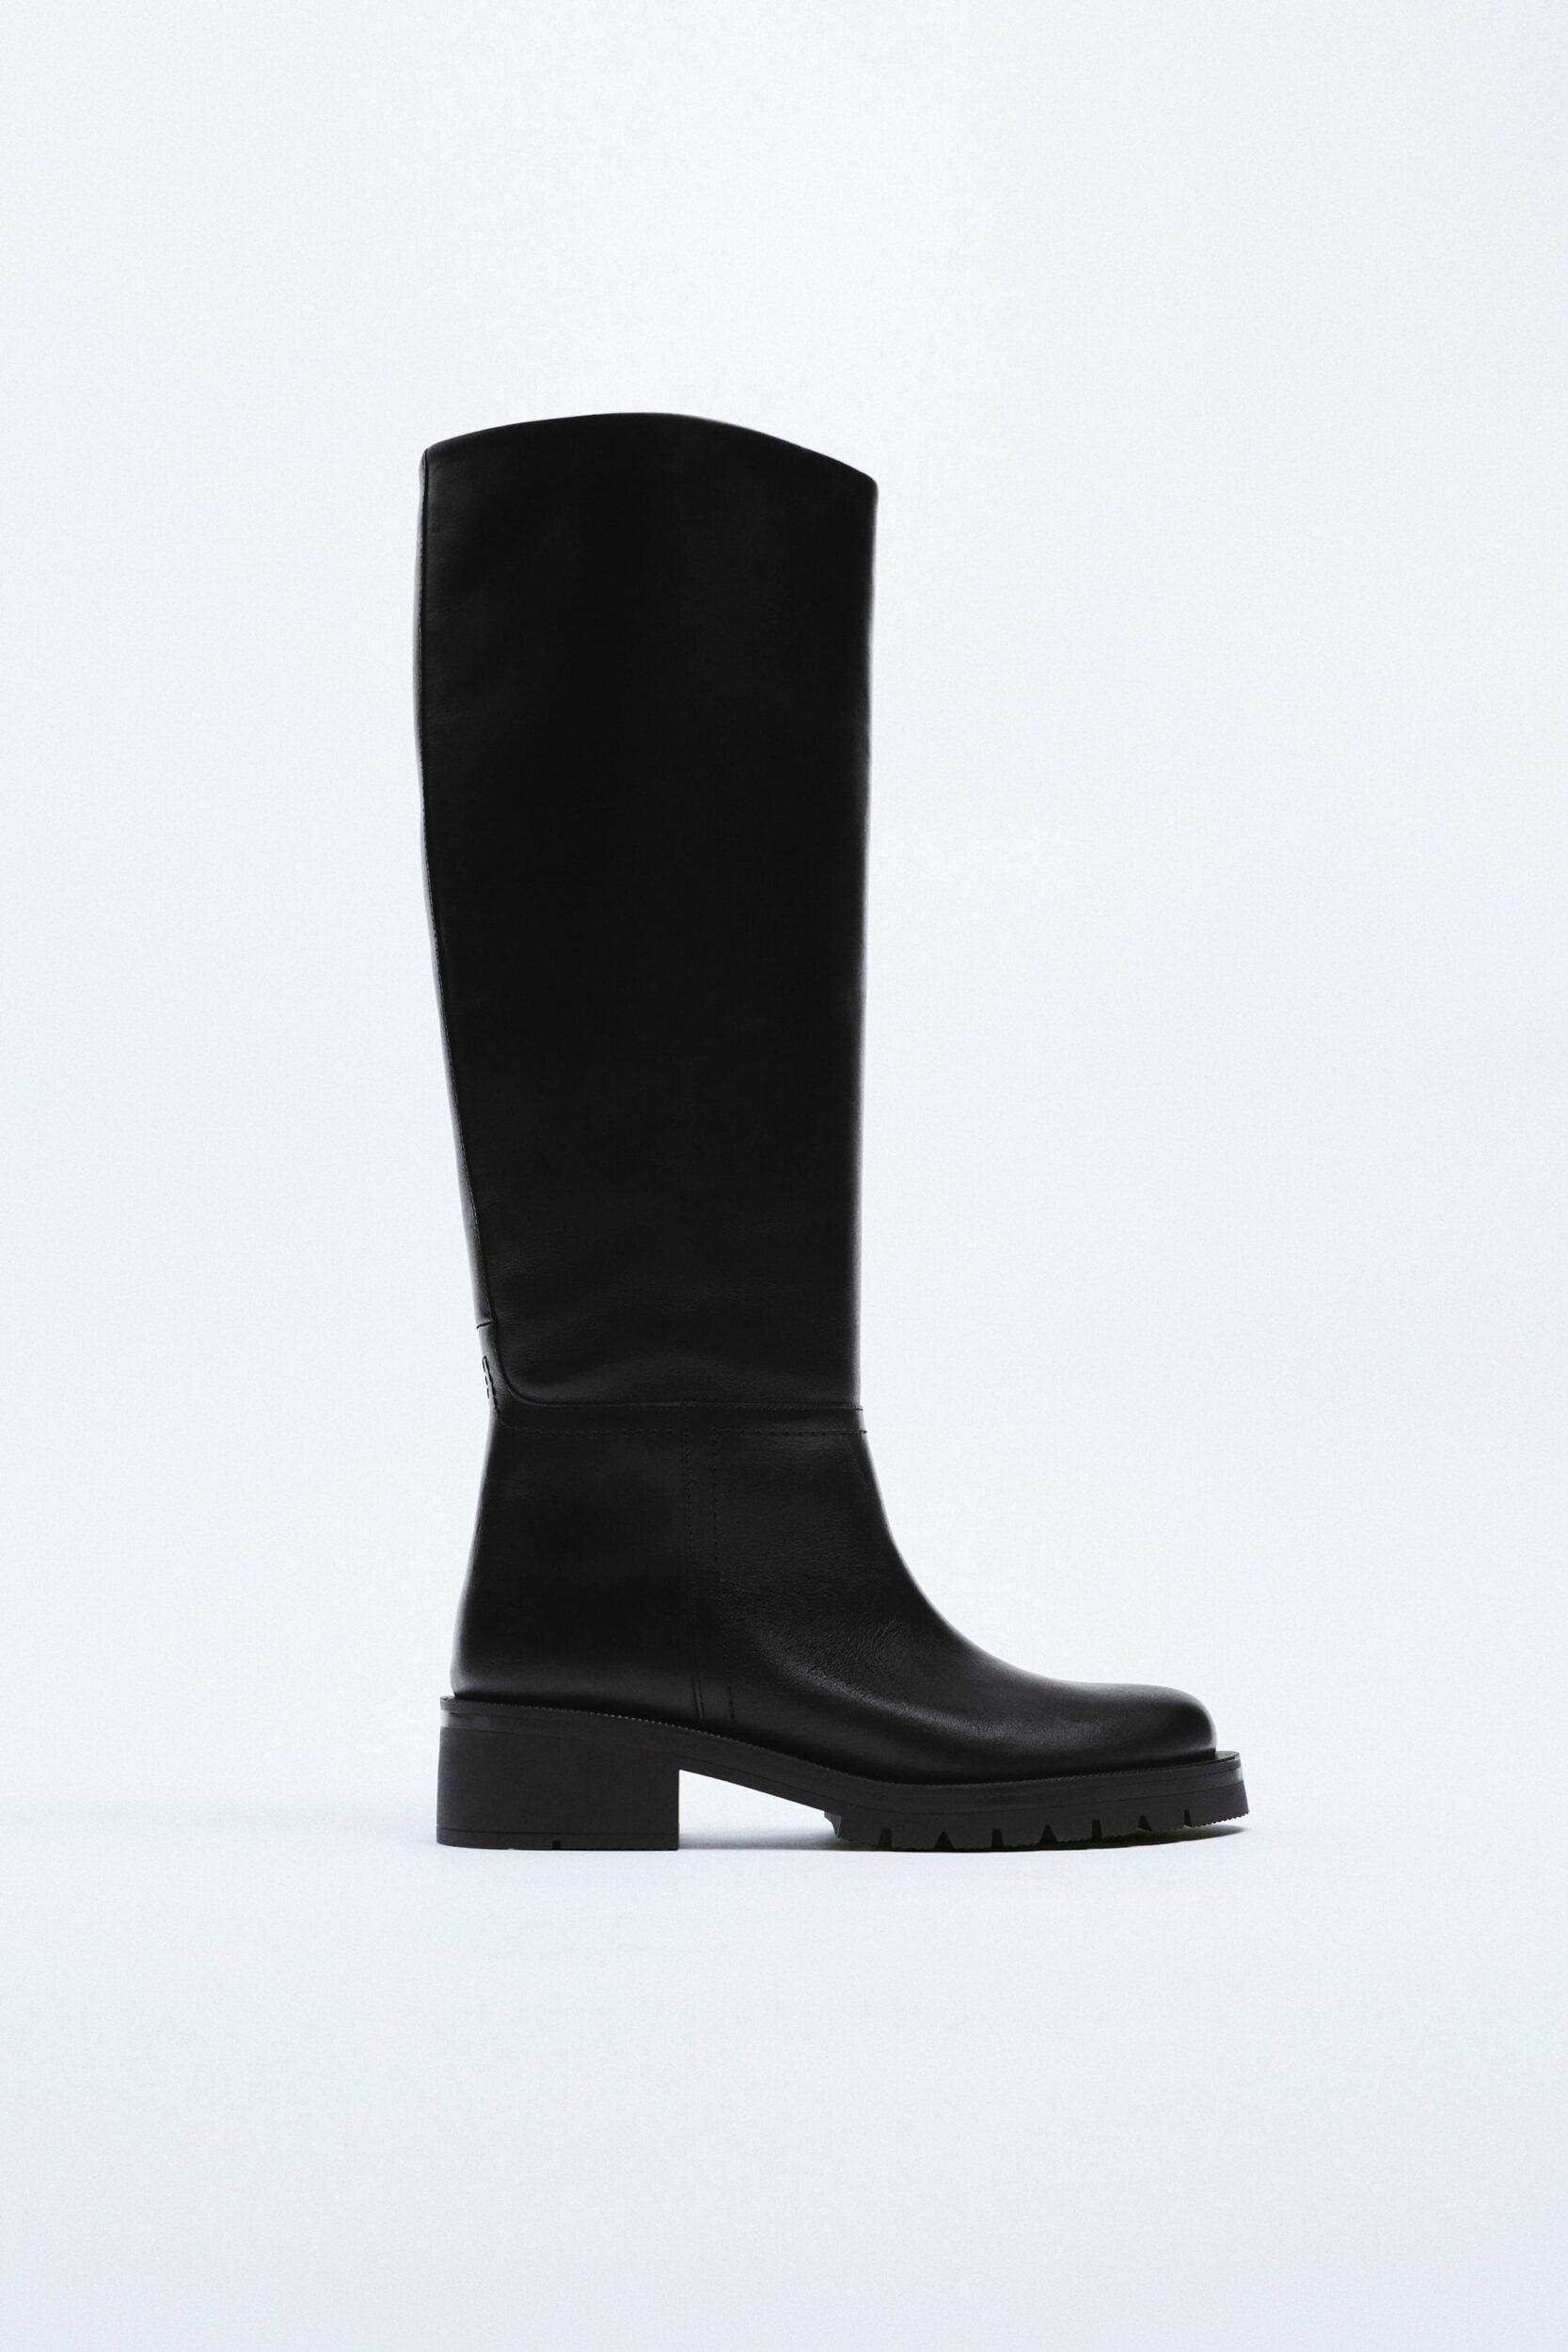 Les chunky boots hautes arrivent en force, pour marcher sur les pieds des relous avec style